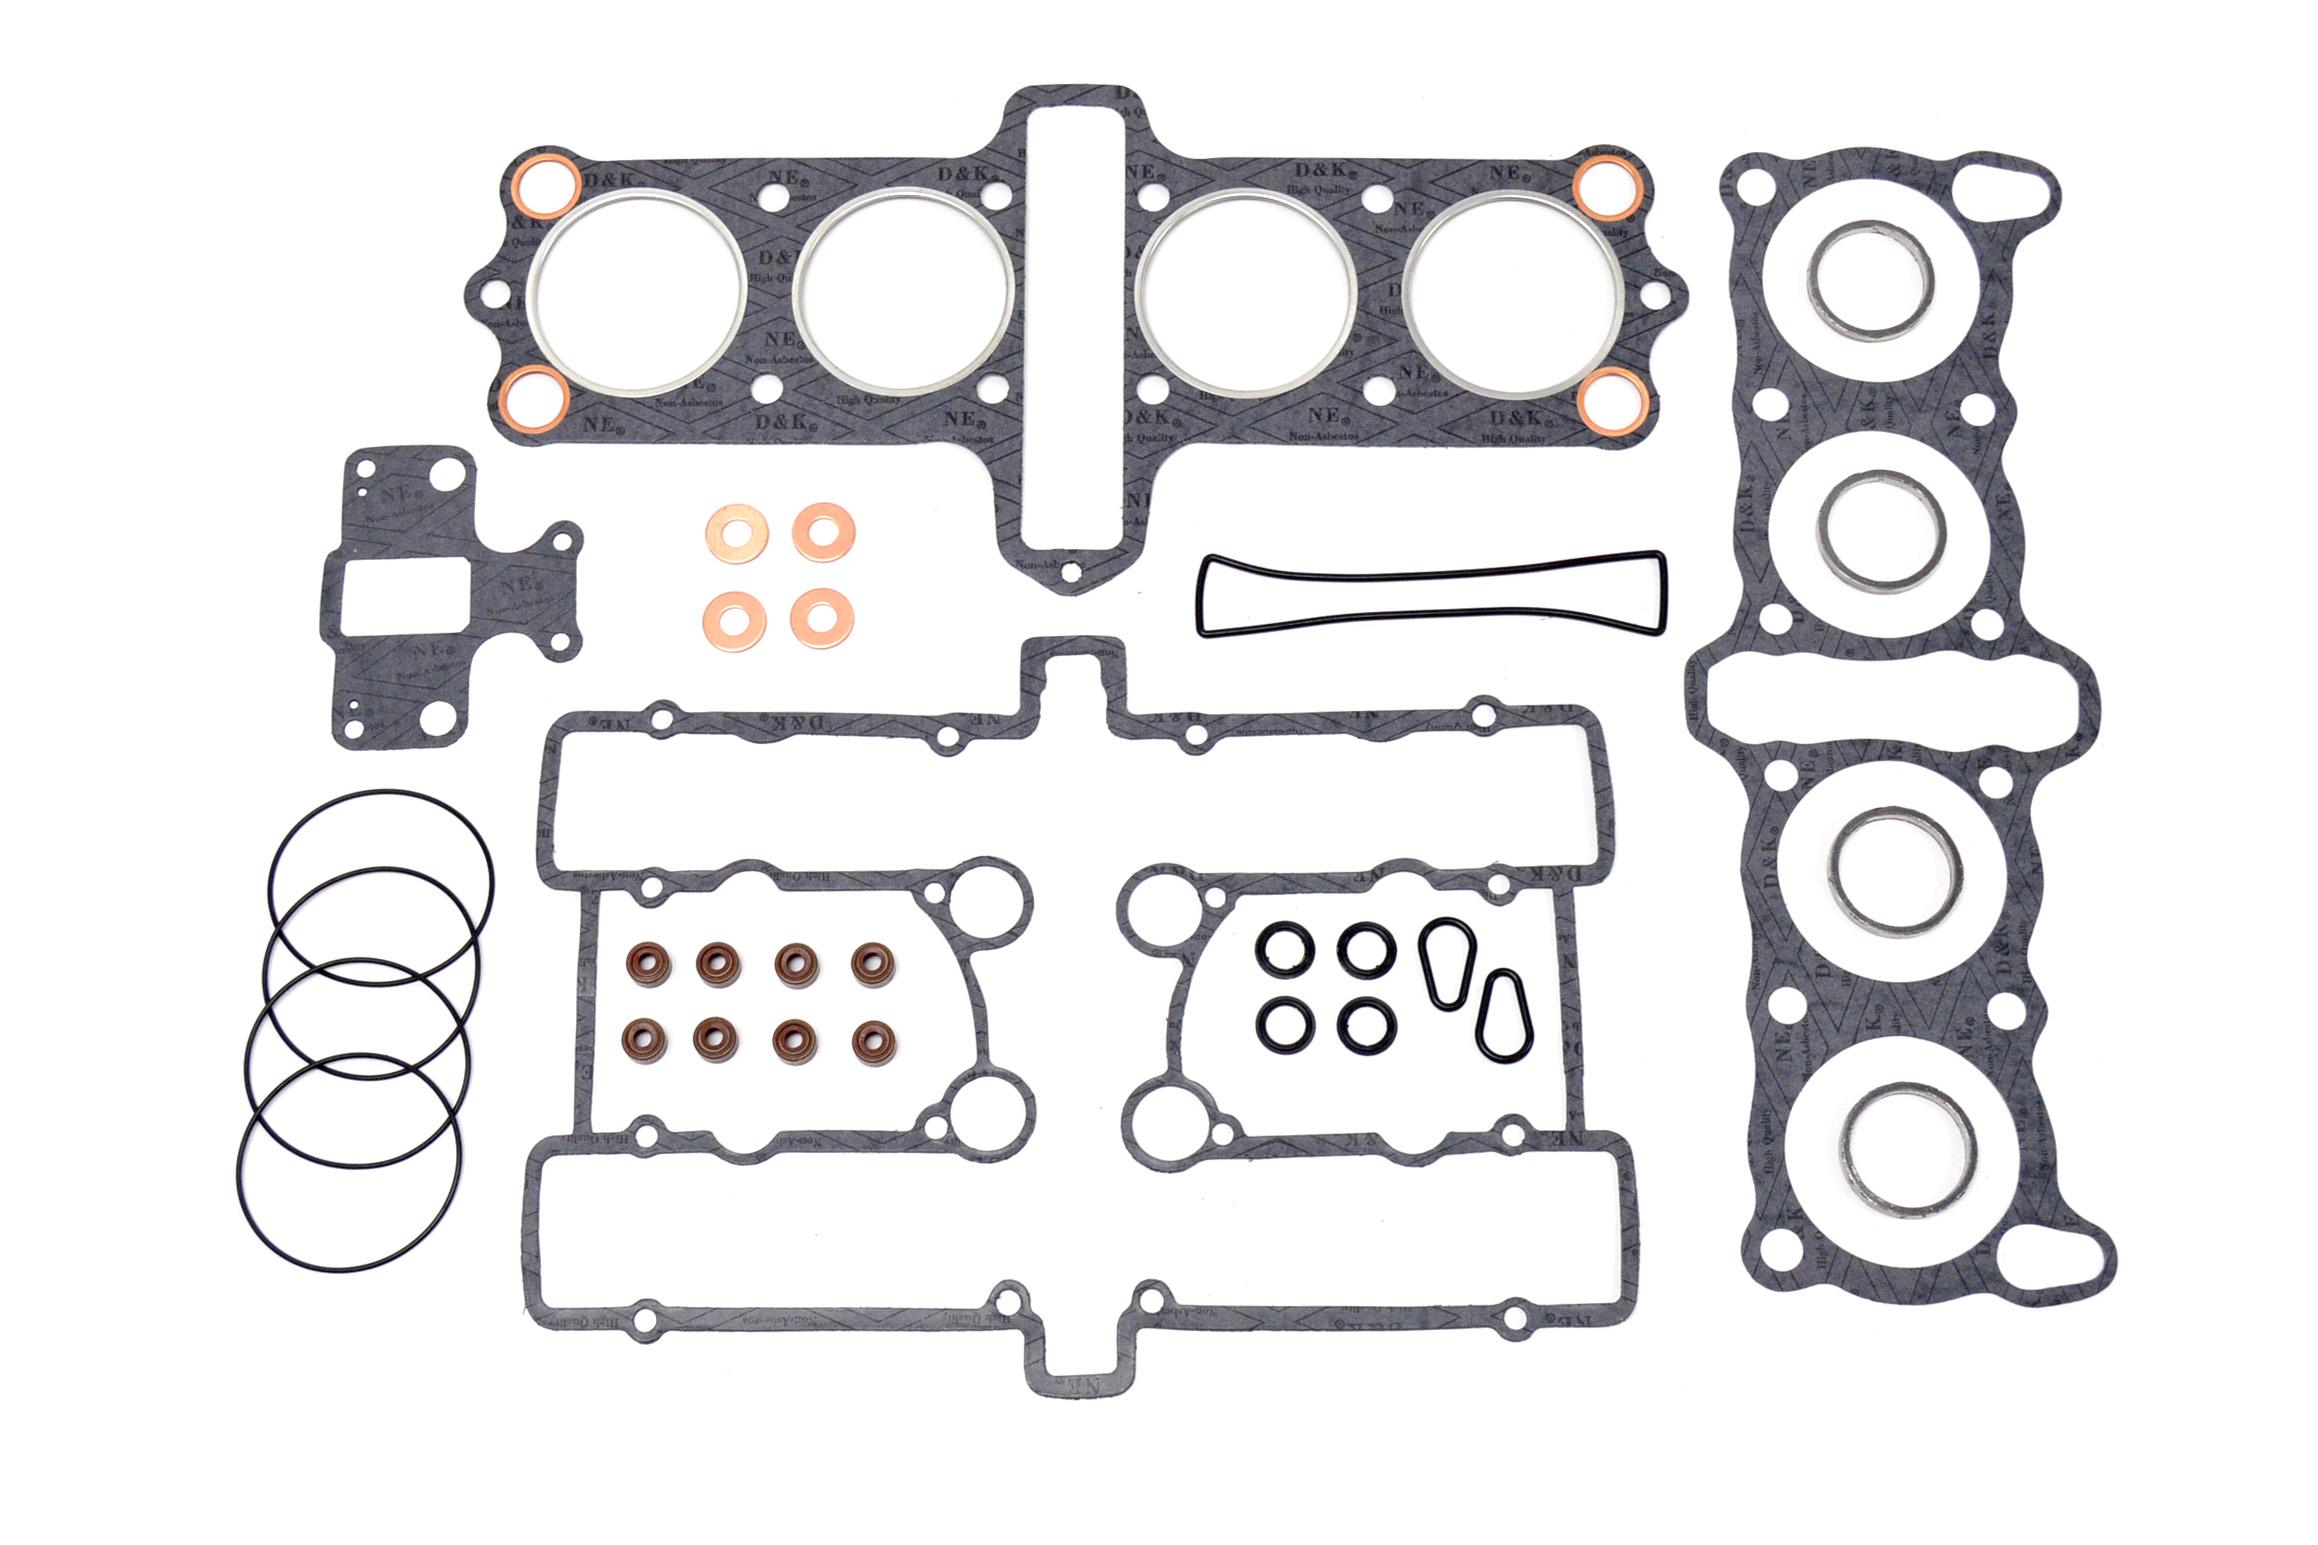 Suzuki Gs850 79 81 Top End Engine Gasket Seal Set